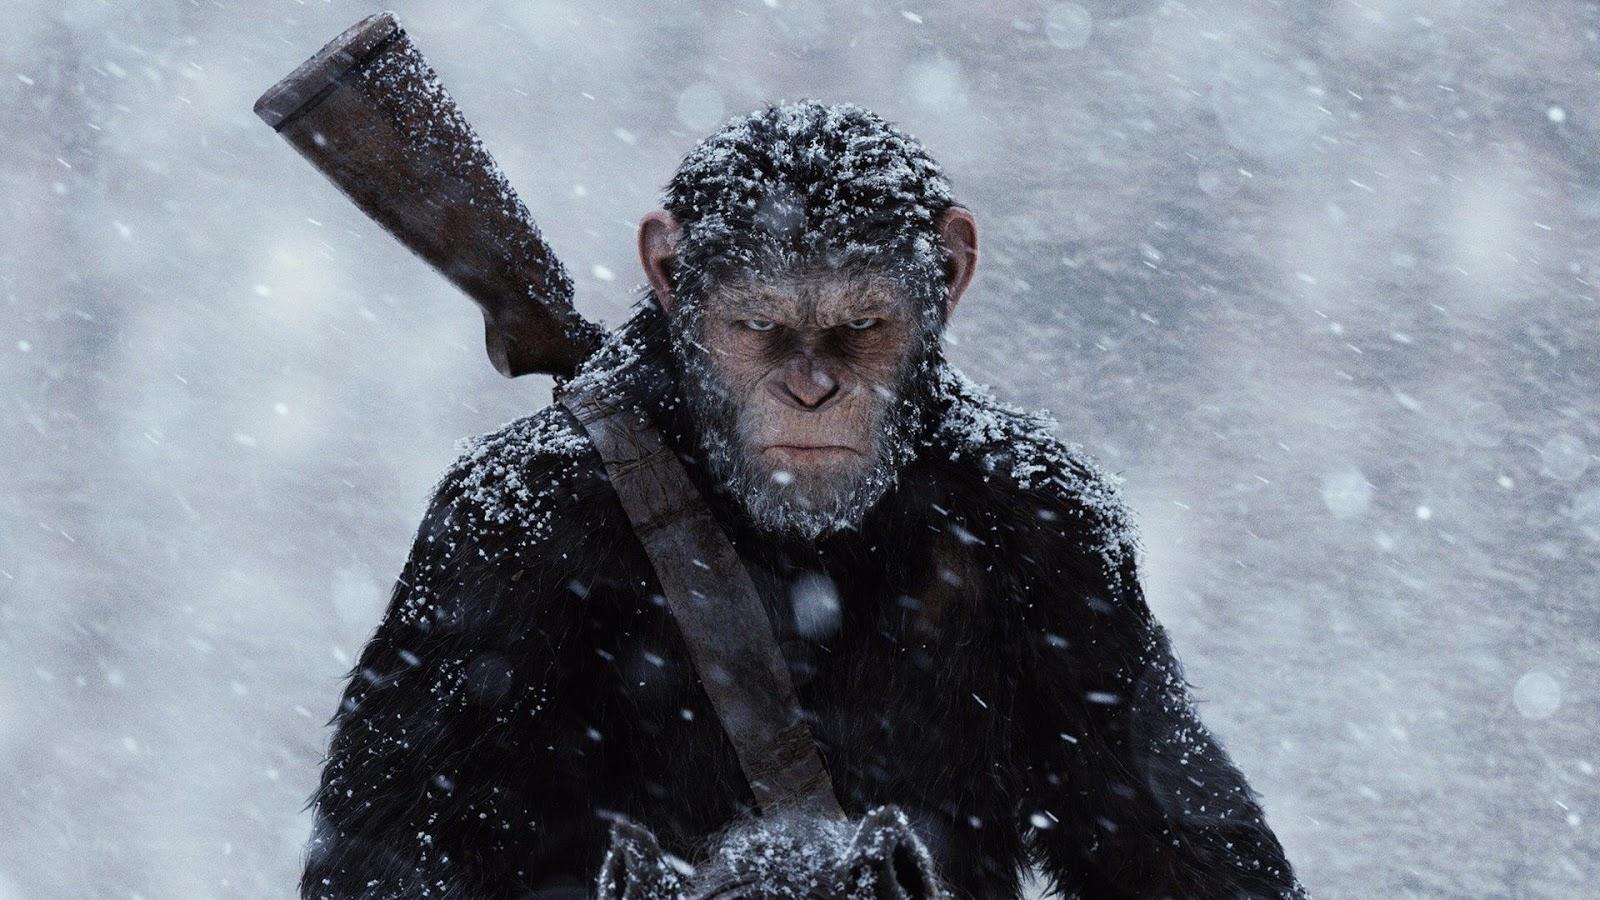 Planeta dos Macacos: A Guerra (2017) | Filme traz desfecho decente etrabalha ideologias atuais